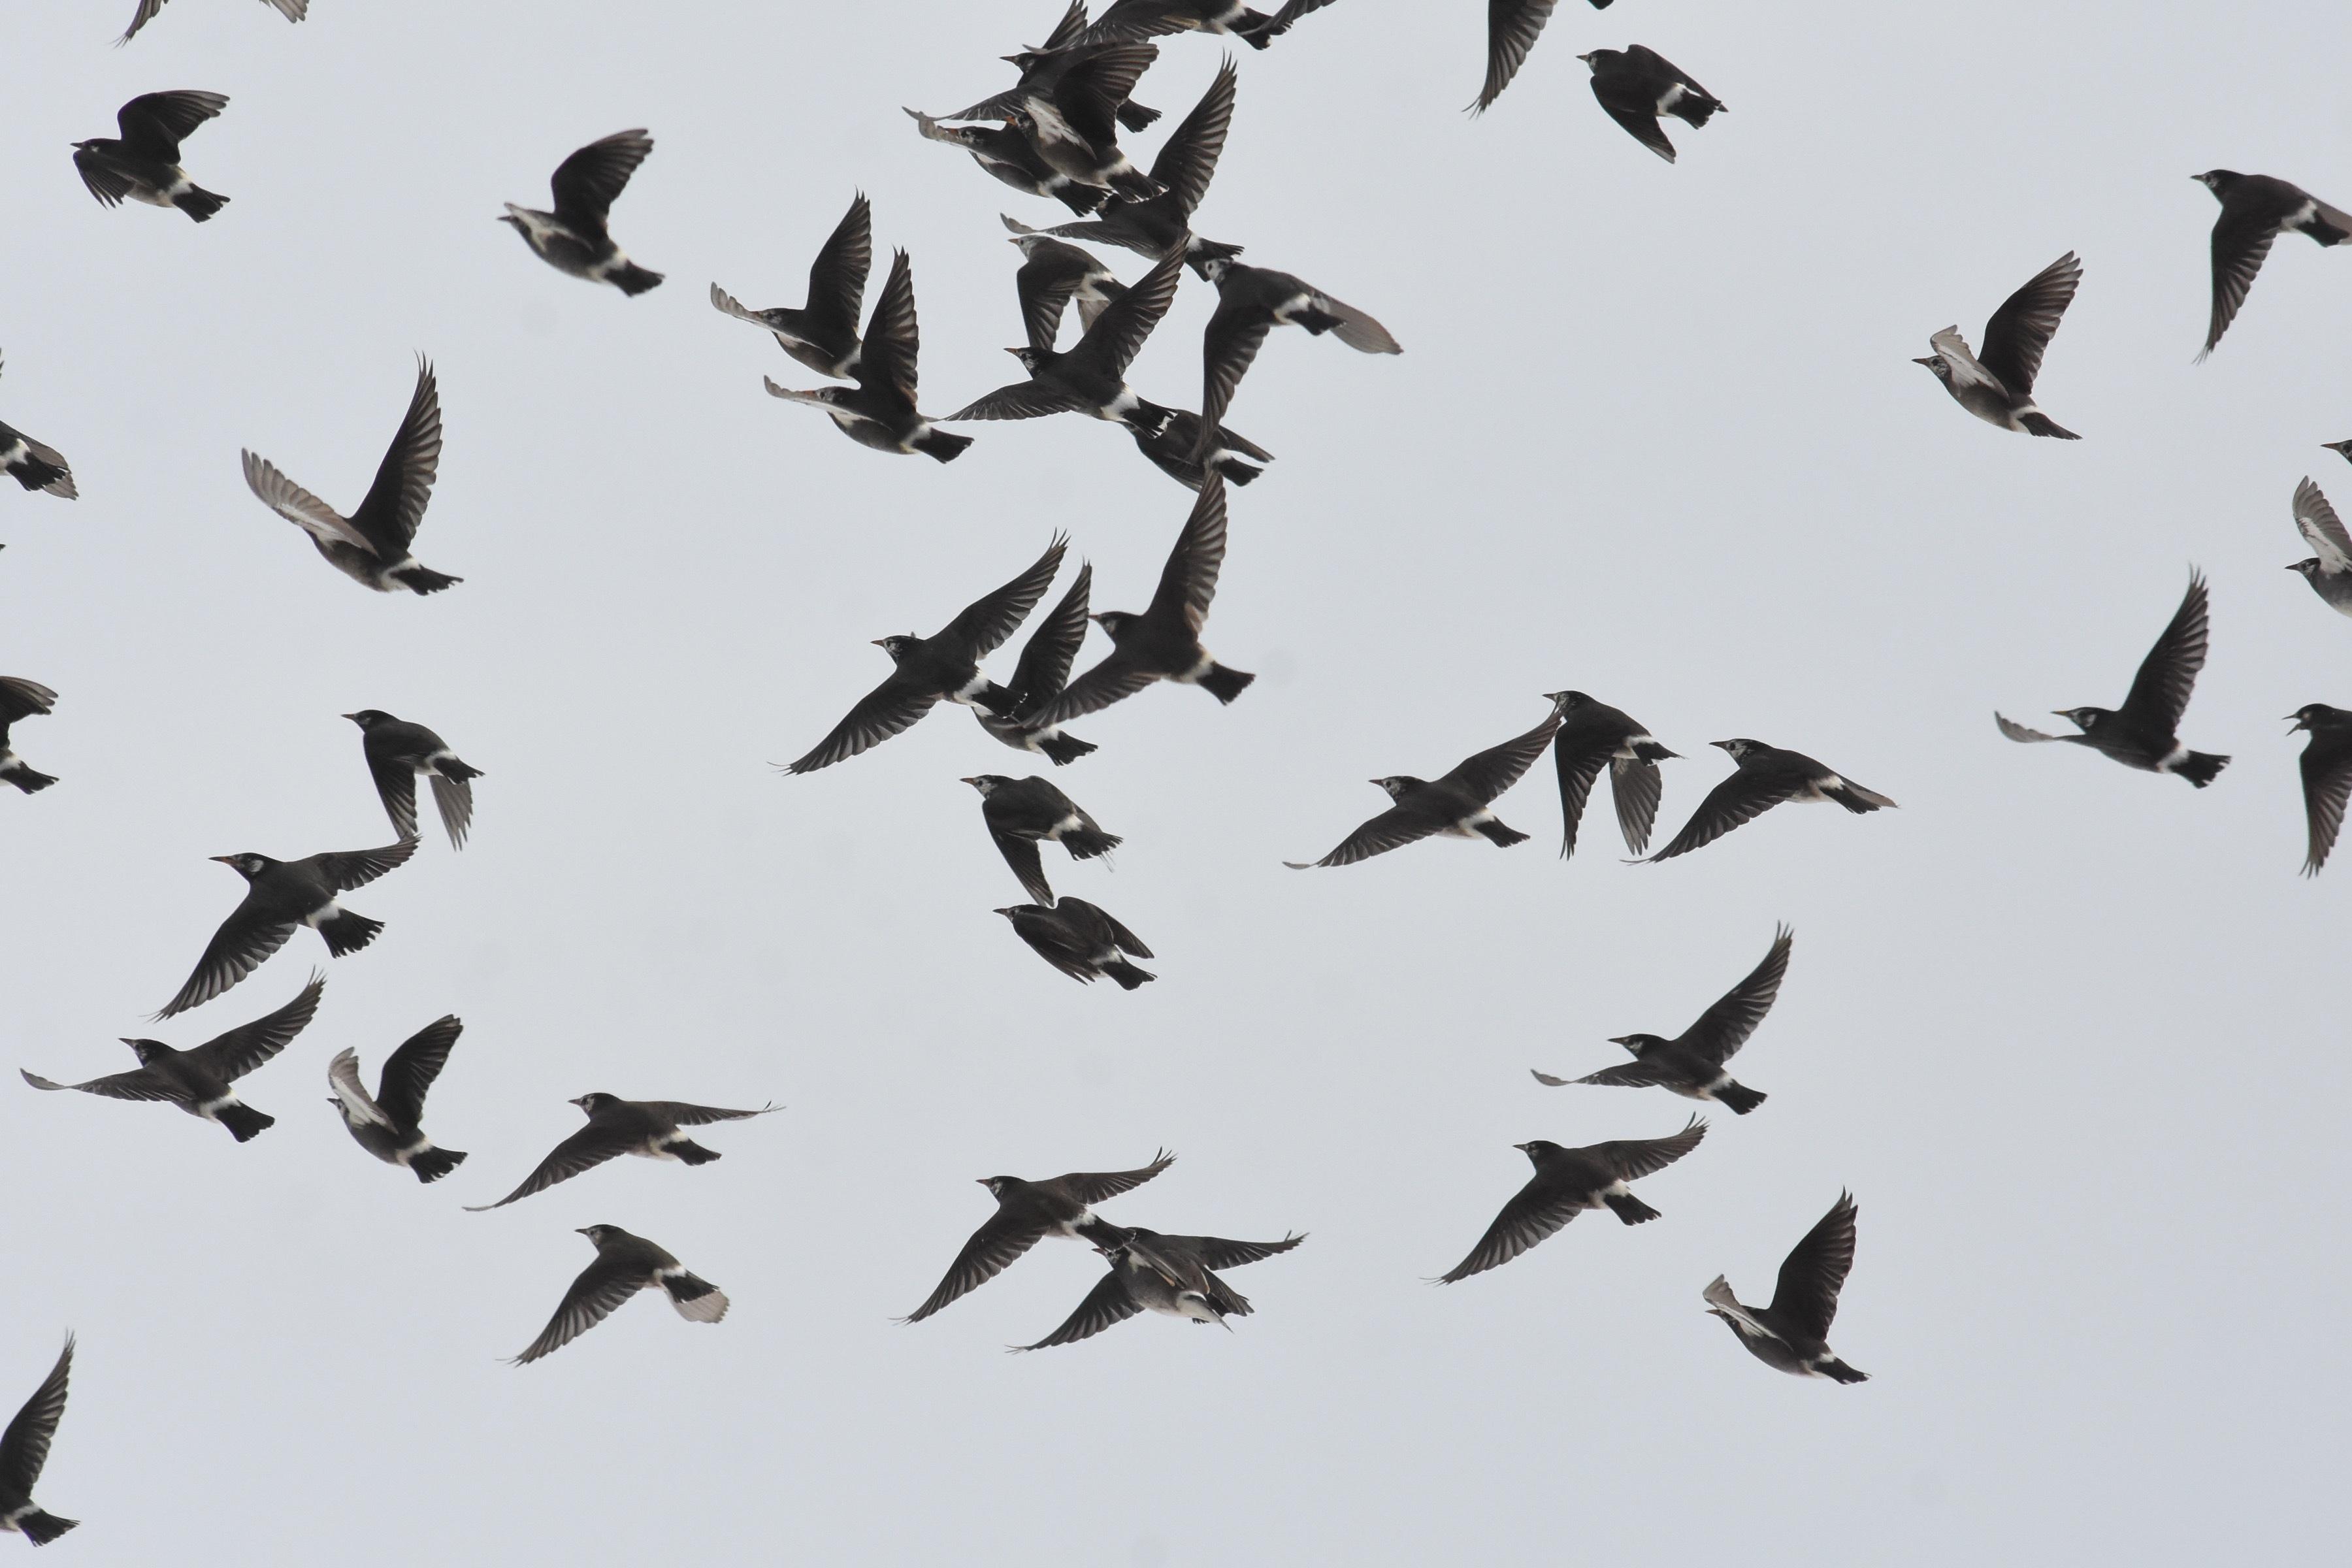 ムクドリ 越冬群